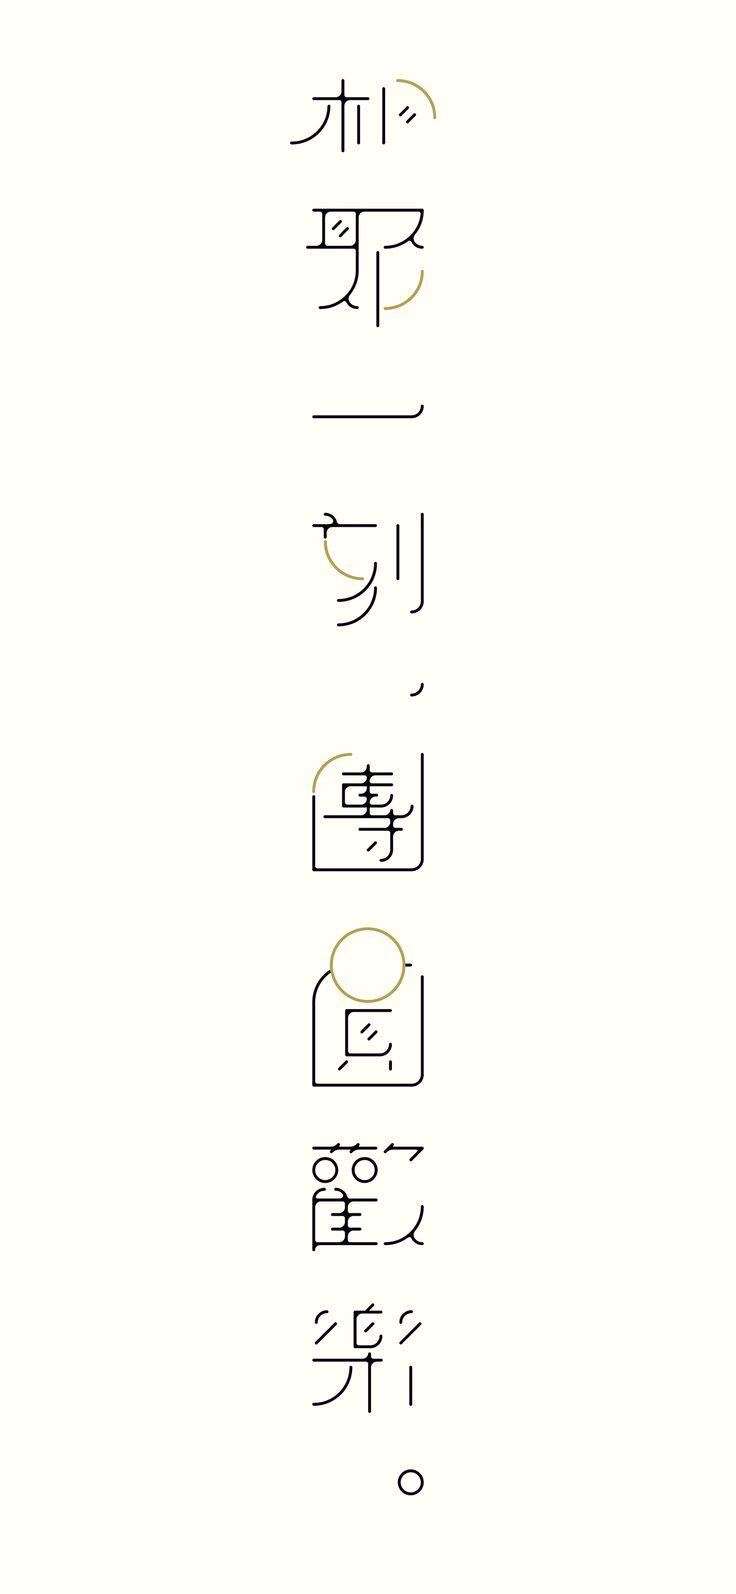 相聚(together)一刻(quarter),團圓(Reunion )歡樂(happy)。 on Behance